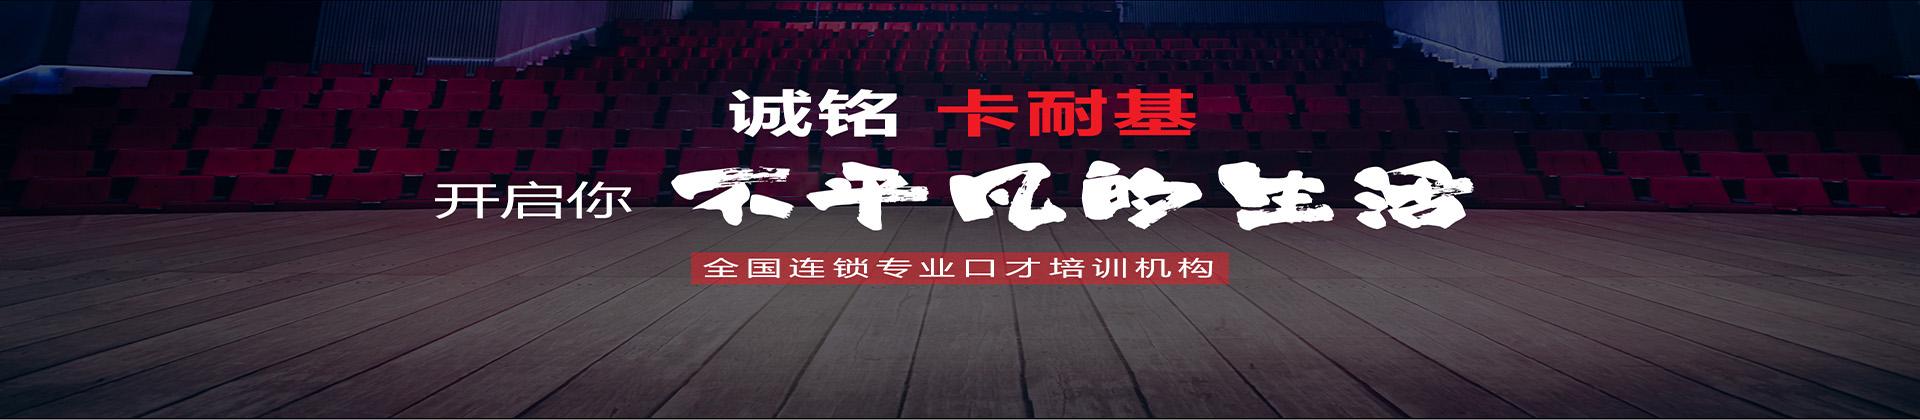 沈阳成铭卡耐基演讲口才学校